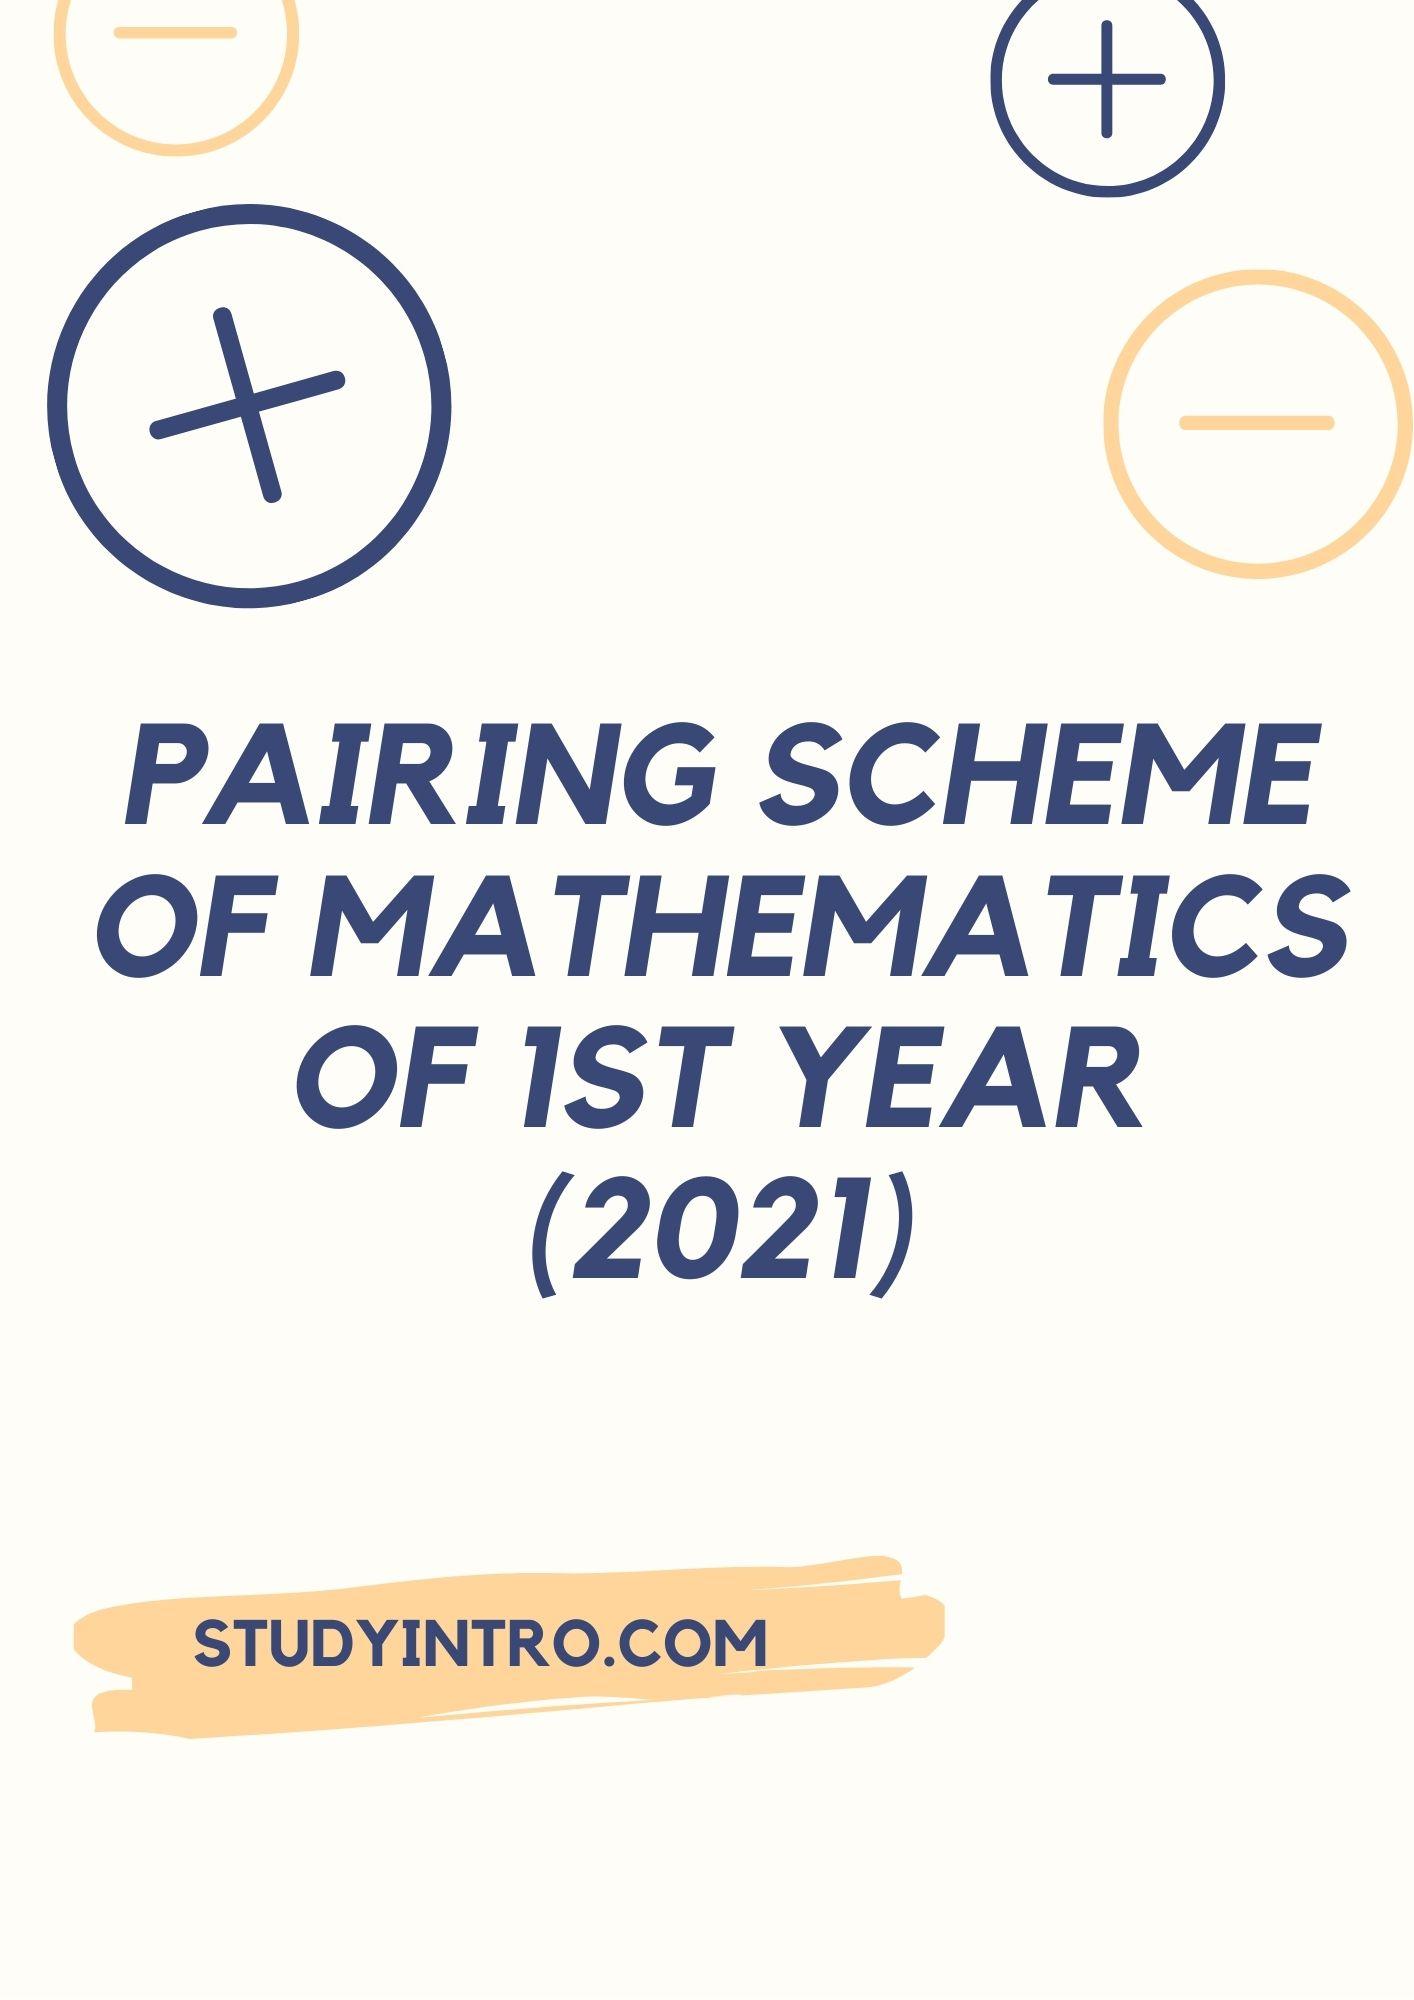 Pairing Scheme of Math